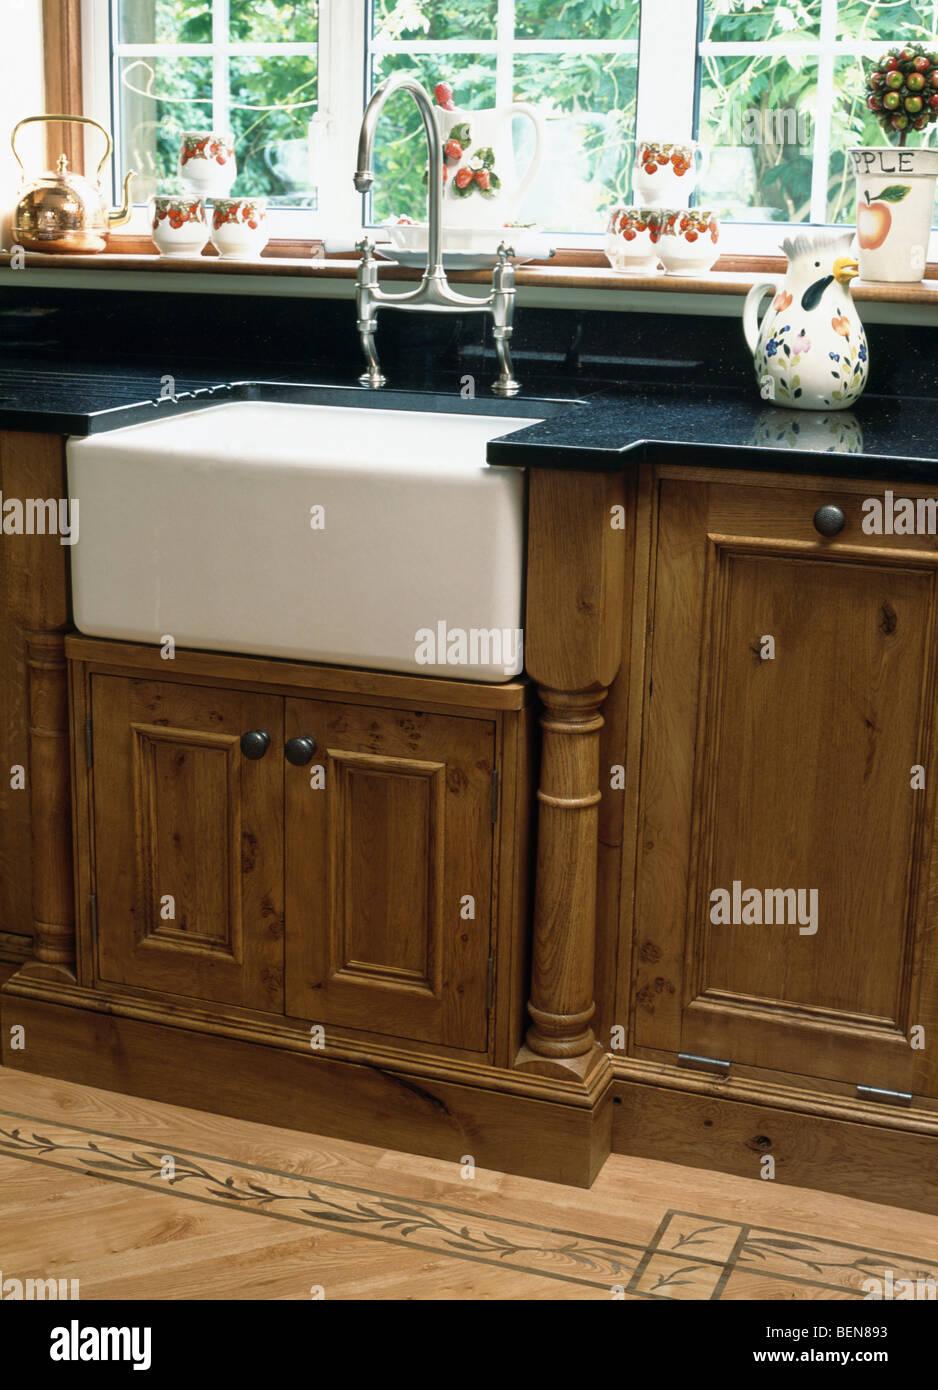 Belfast sink below window in fitted oak kitchen unit Stock Photo ...